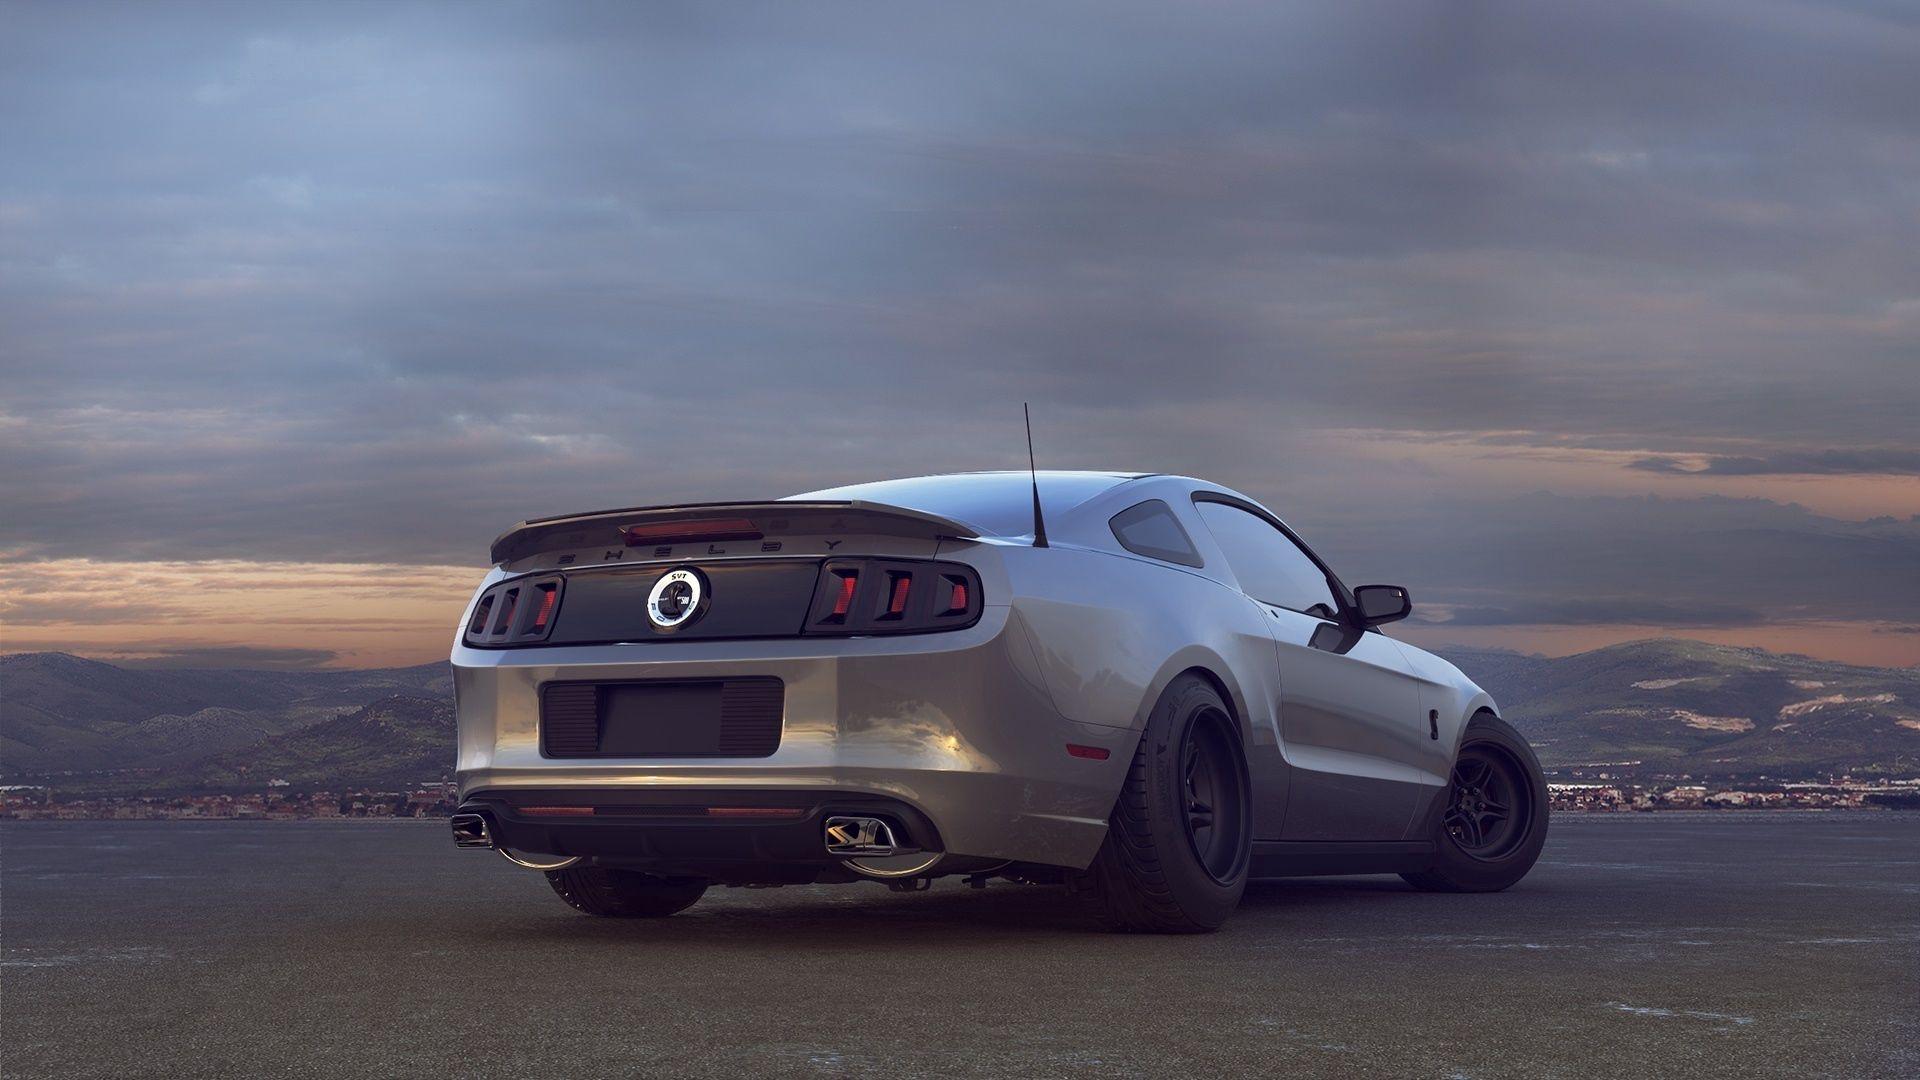 111519 Hintergrundbild herunterladen Auto, Ford, Mustang, Cars, Wagen, Shelby, Ziehen, Gt 500 - Bildschirmschoner und Bilder kostenlos